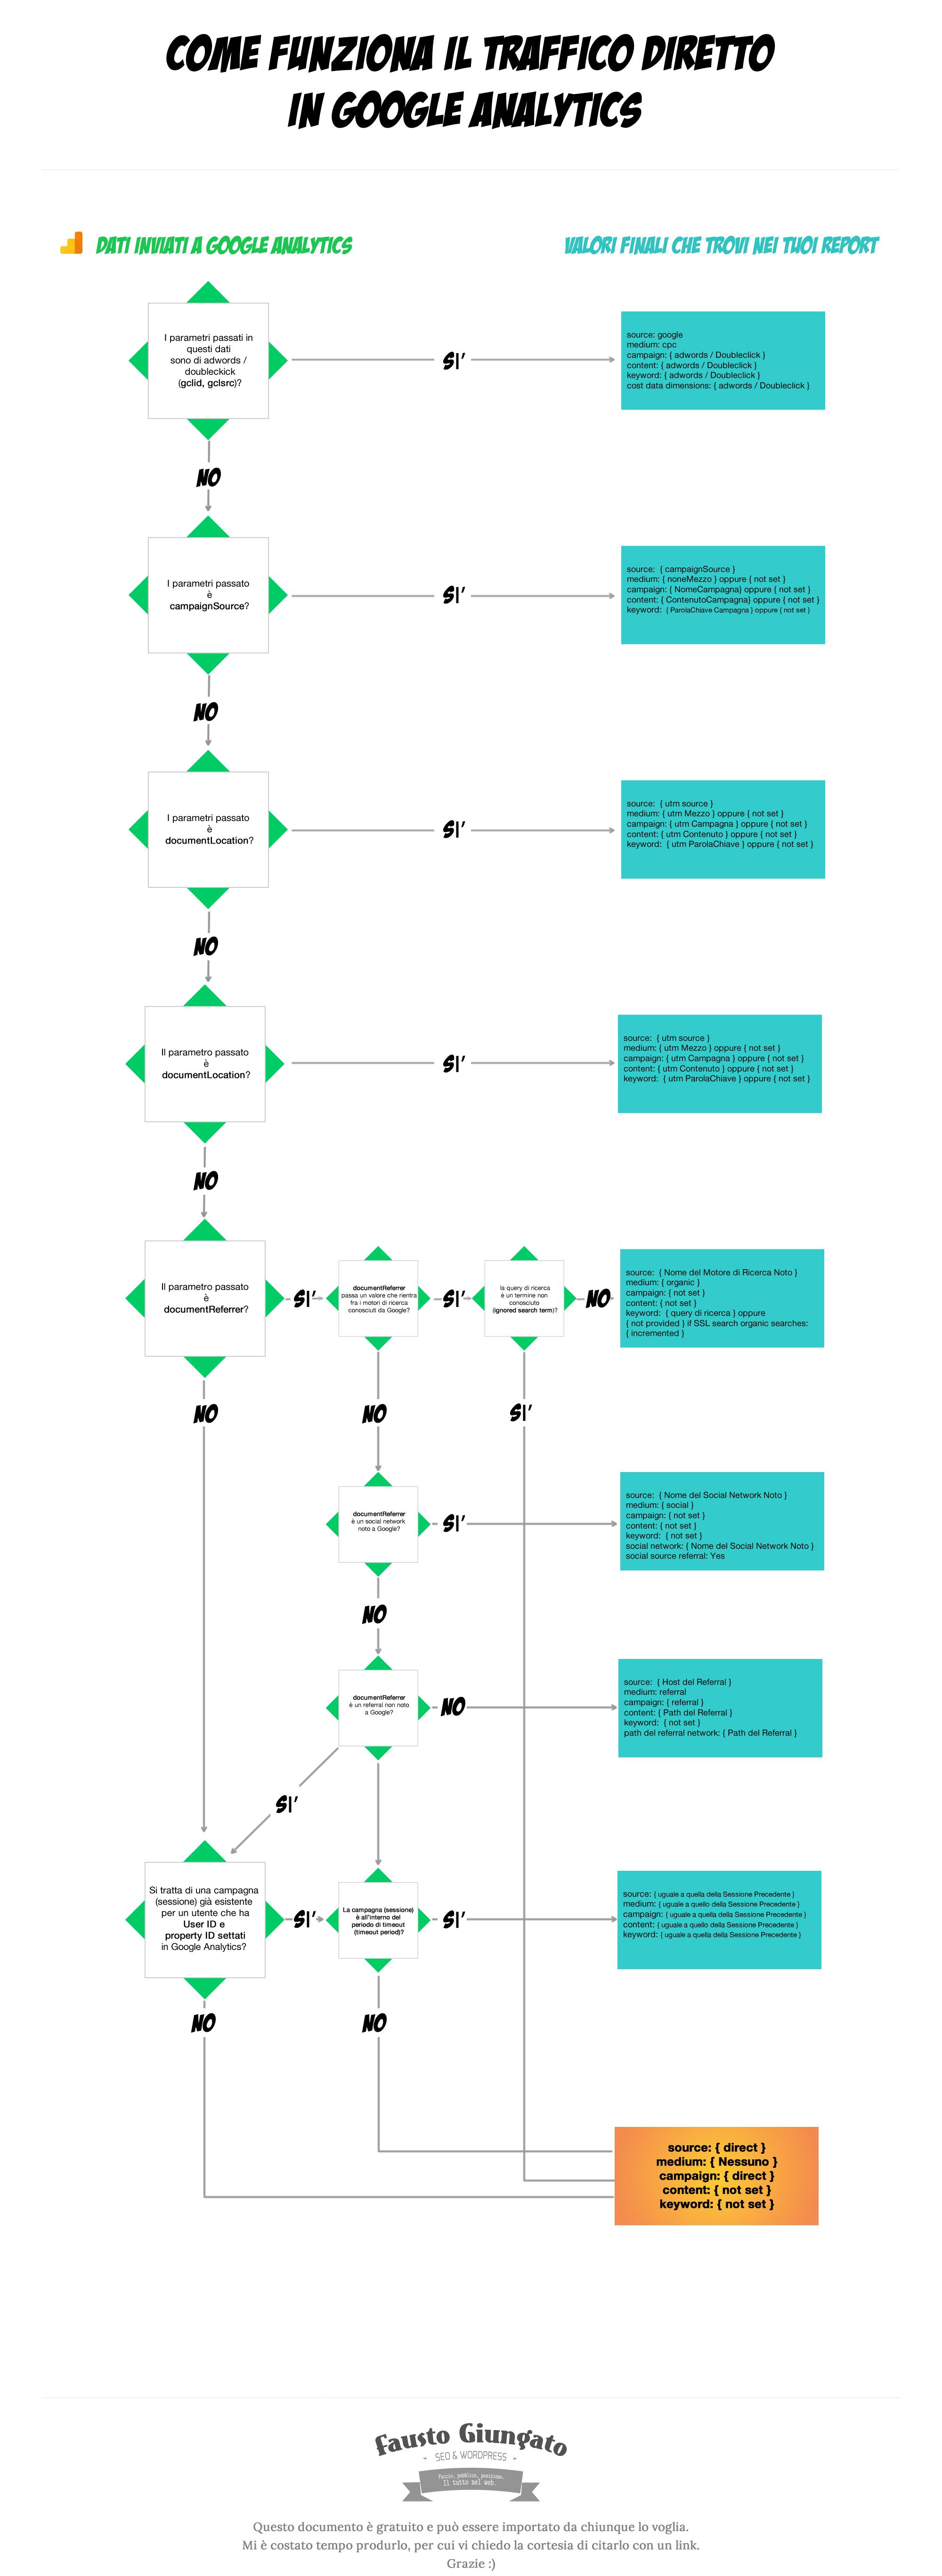 come funziona il traffico diretto in Google Analytics